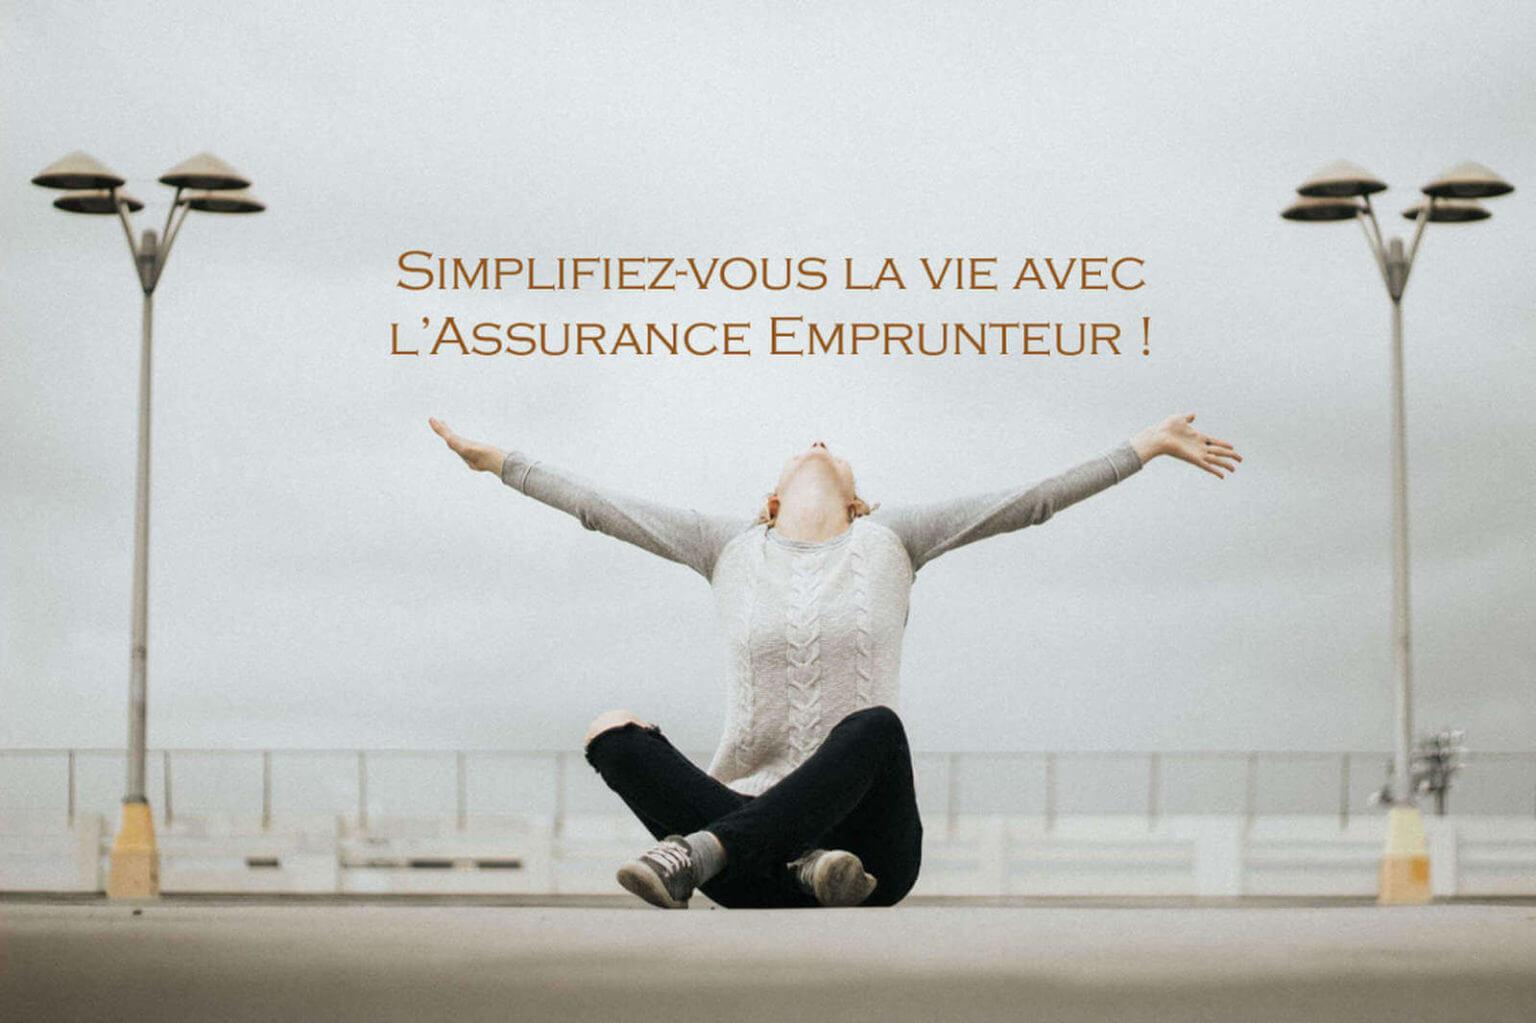 Assurance emprunetur, simplifiez-vous la vie